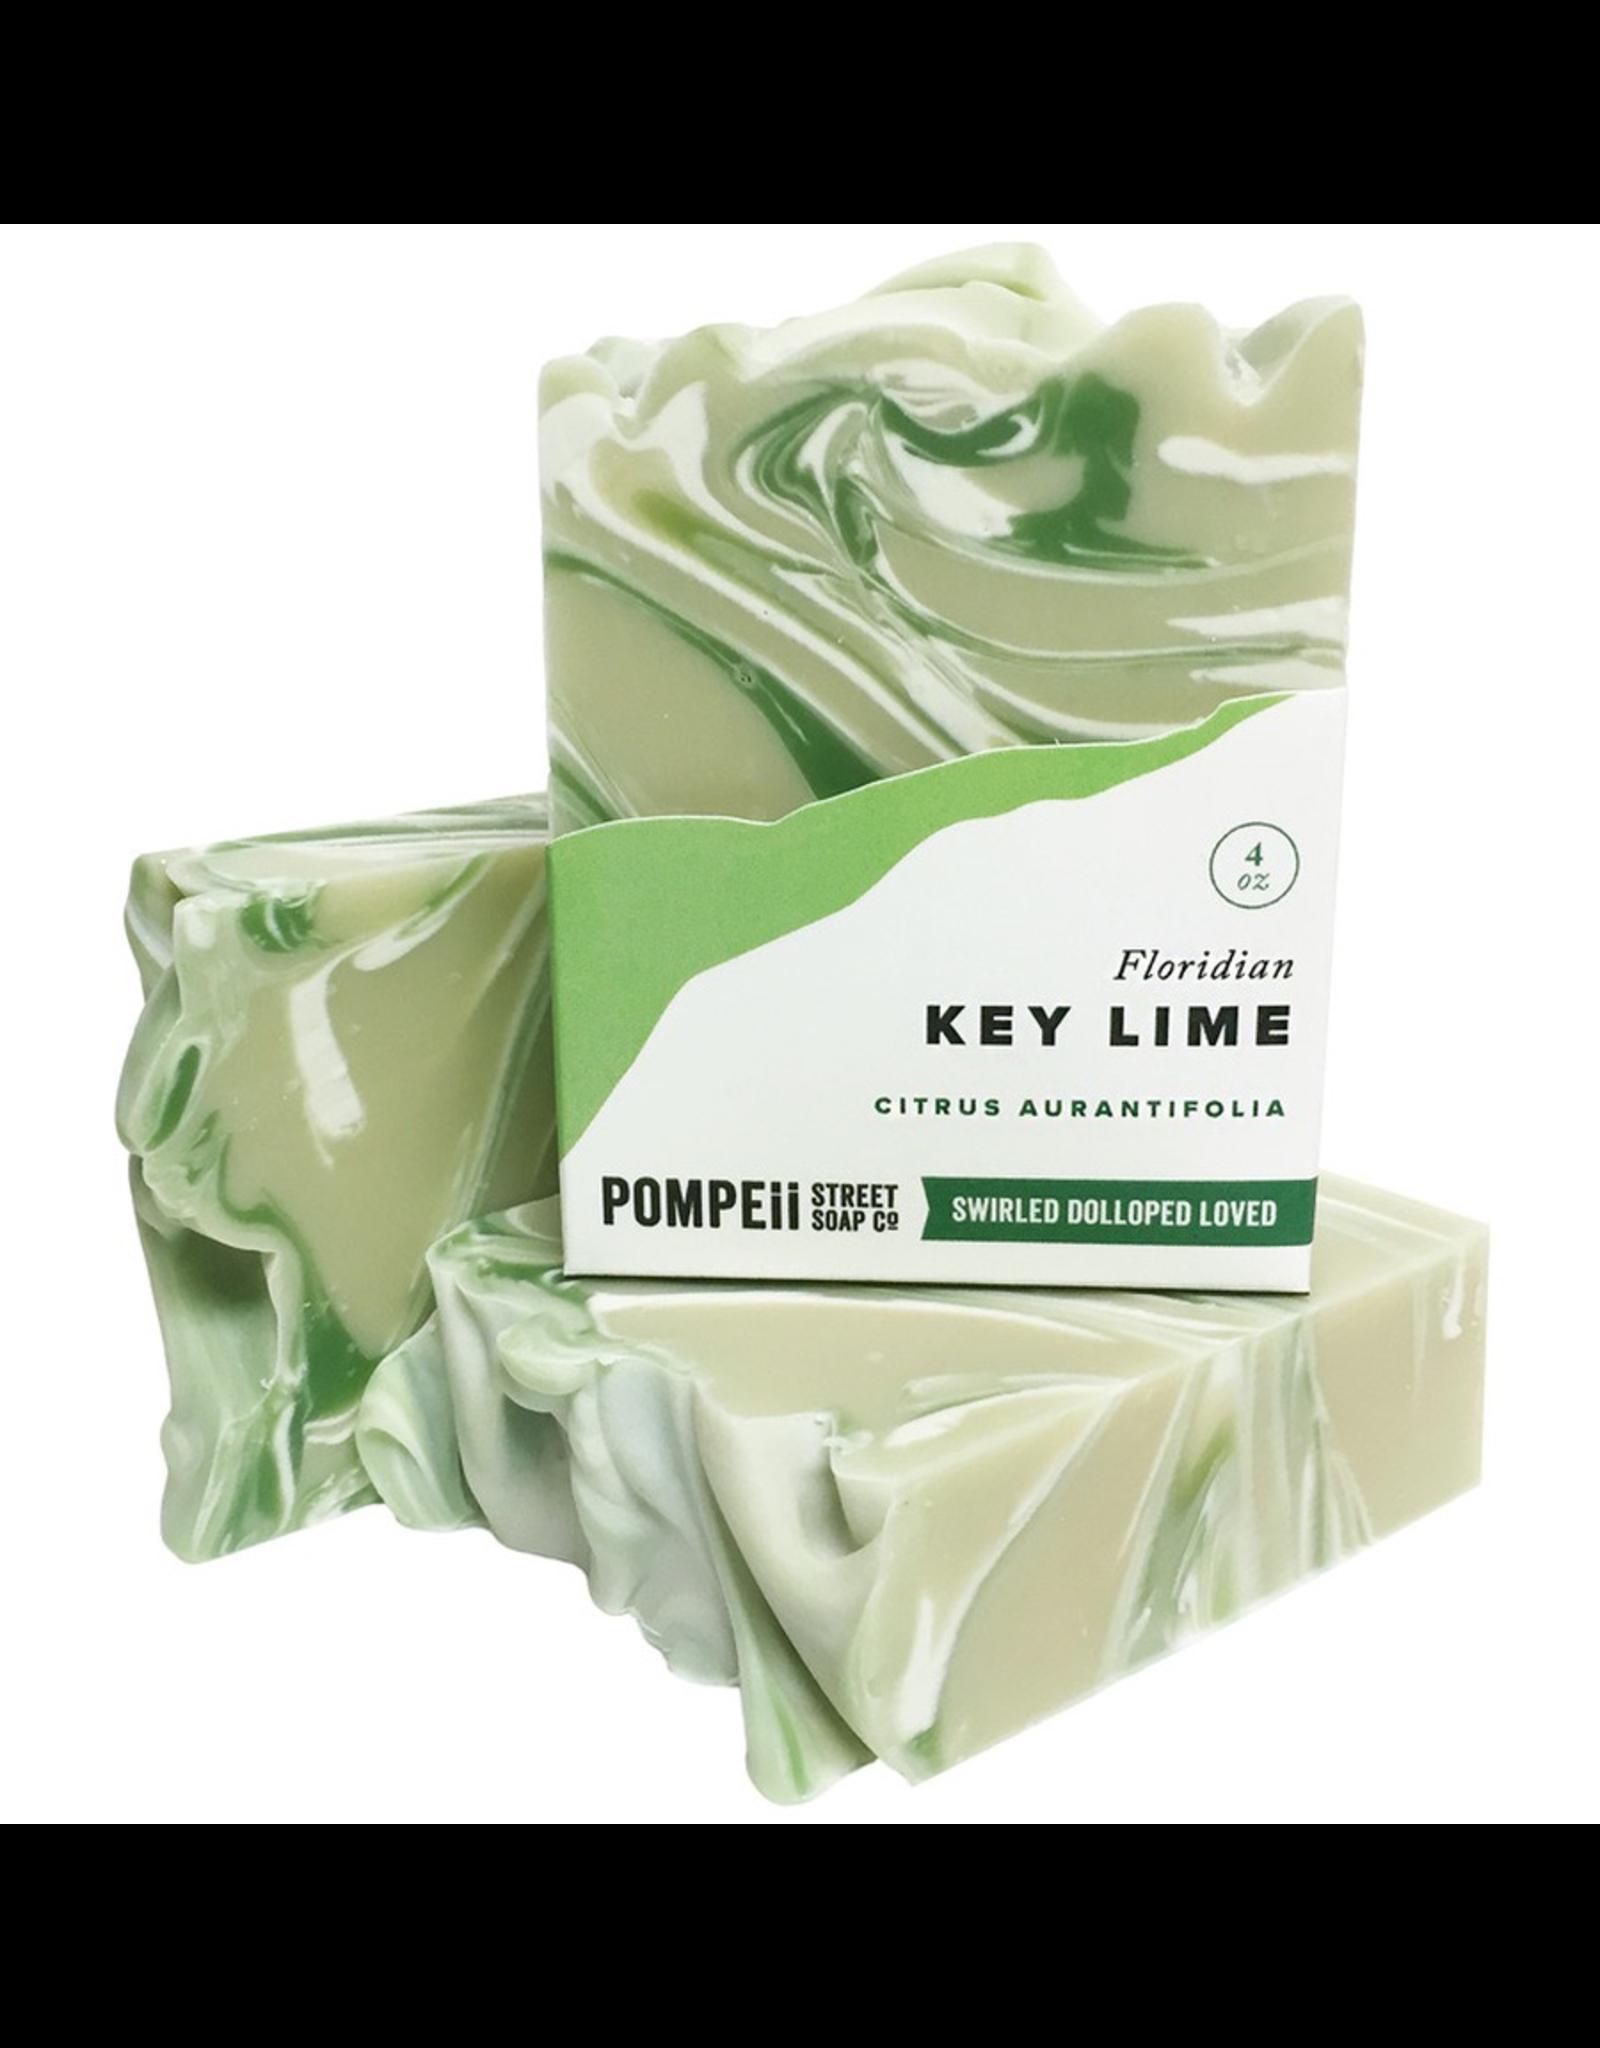 Key lime Soap 4 oz.